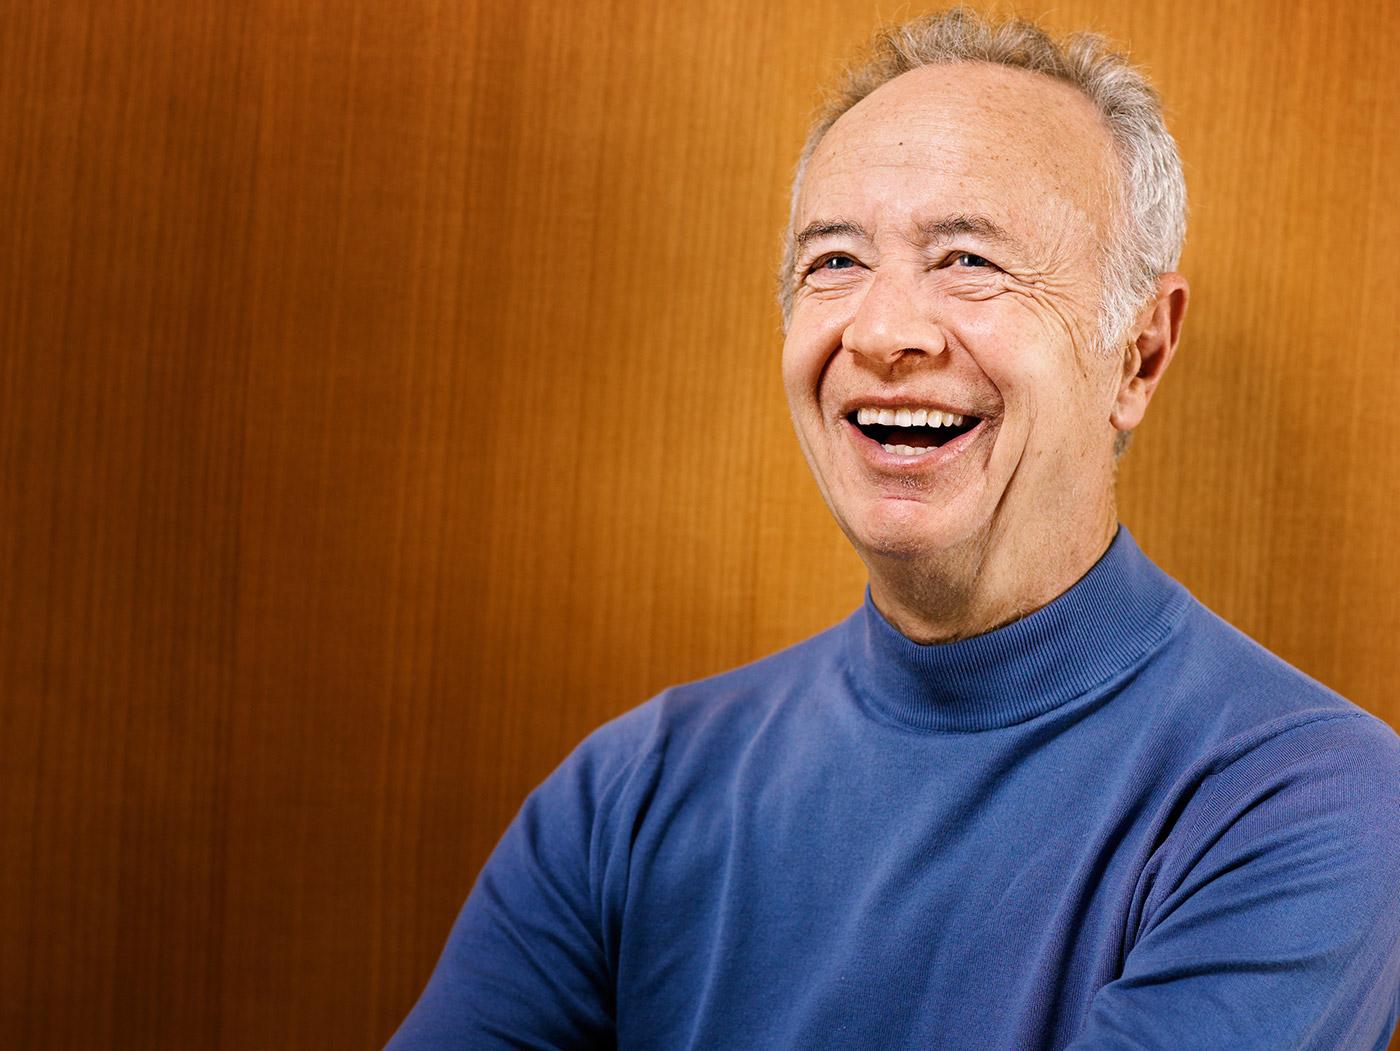 英特尔前 CEO Andy Grove 过世,享年 79 岁